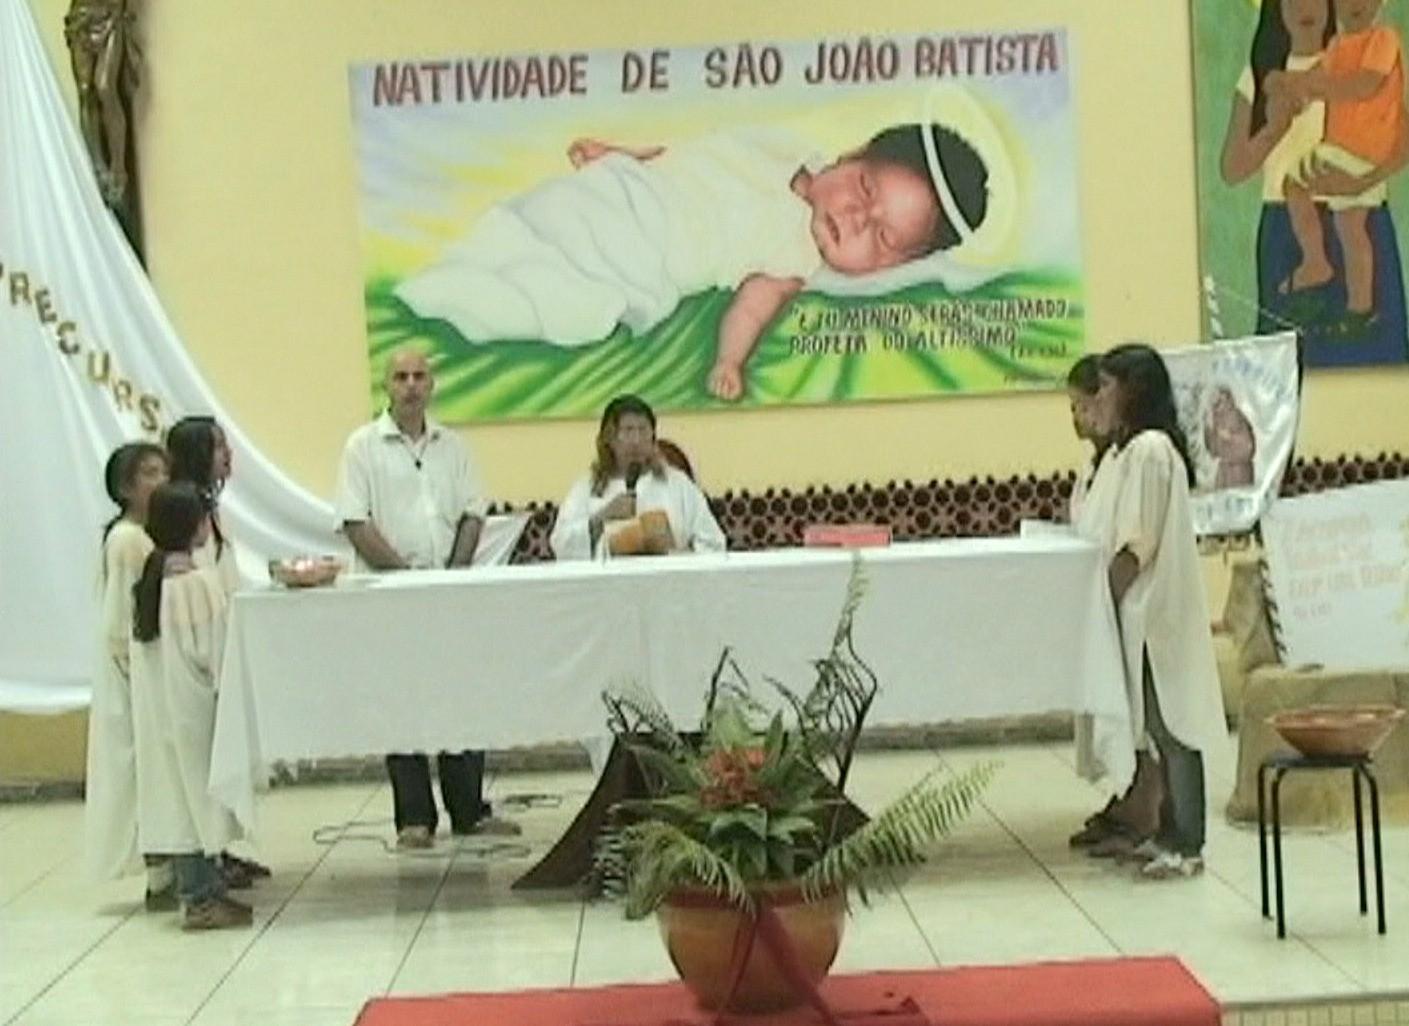 Igreja de São João Batista será reformada com o dinheiro arrecadado no evento (Foto: Amazônia TV)